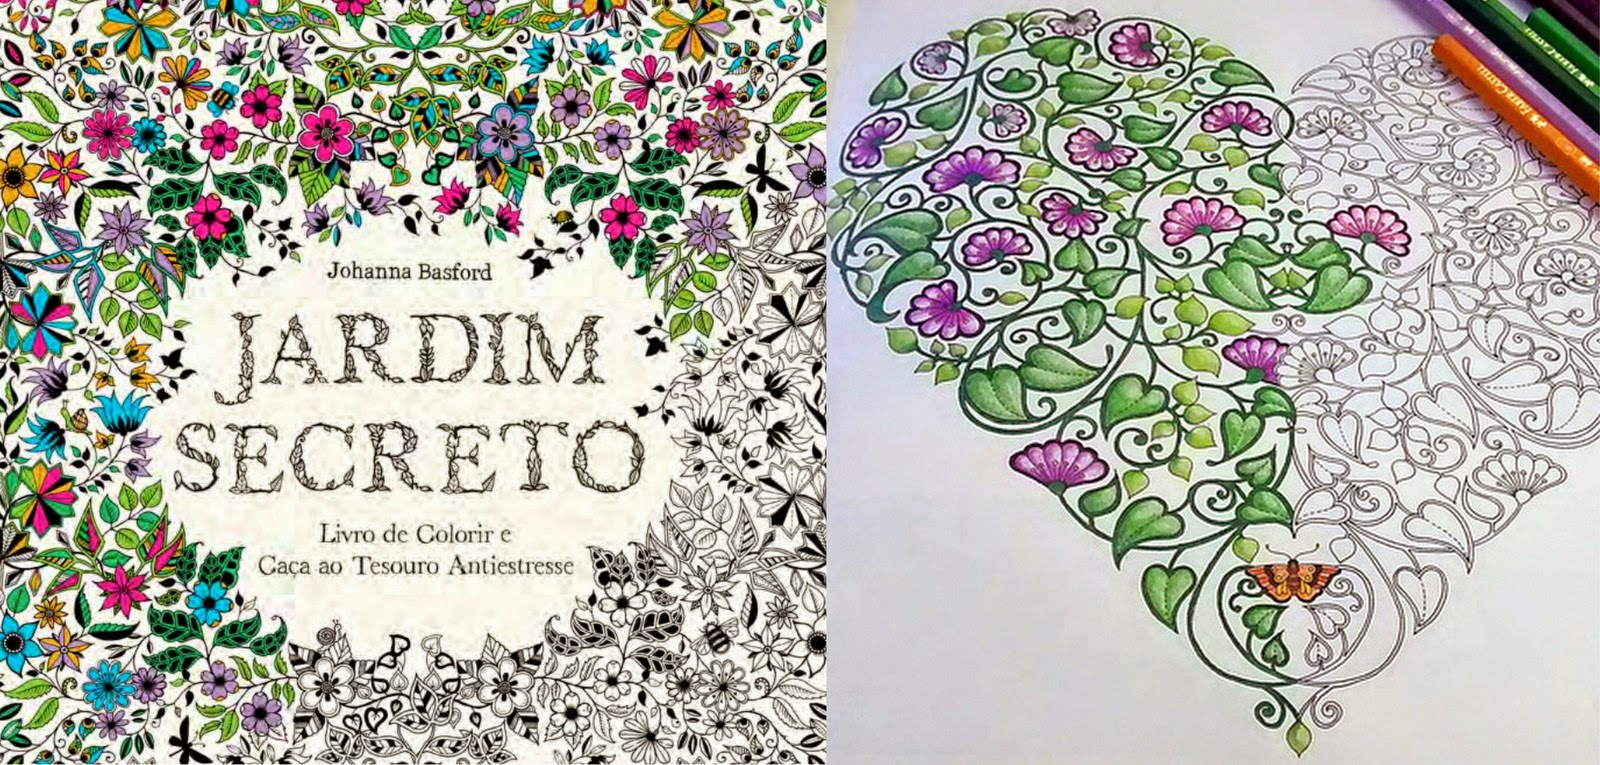 Livro Jardim Secreto Desenhos para colorir e imprimir do  - imagens para colorir jardim encantado